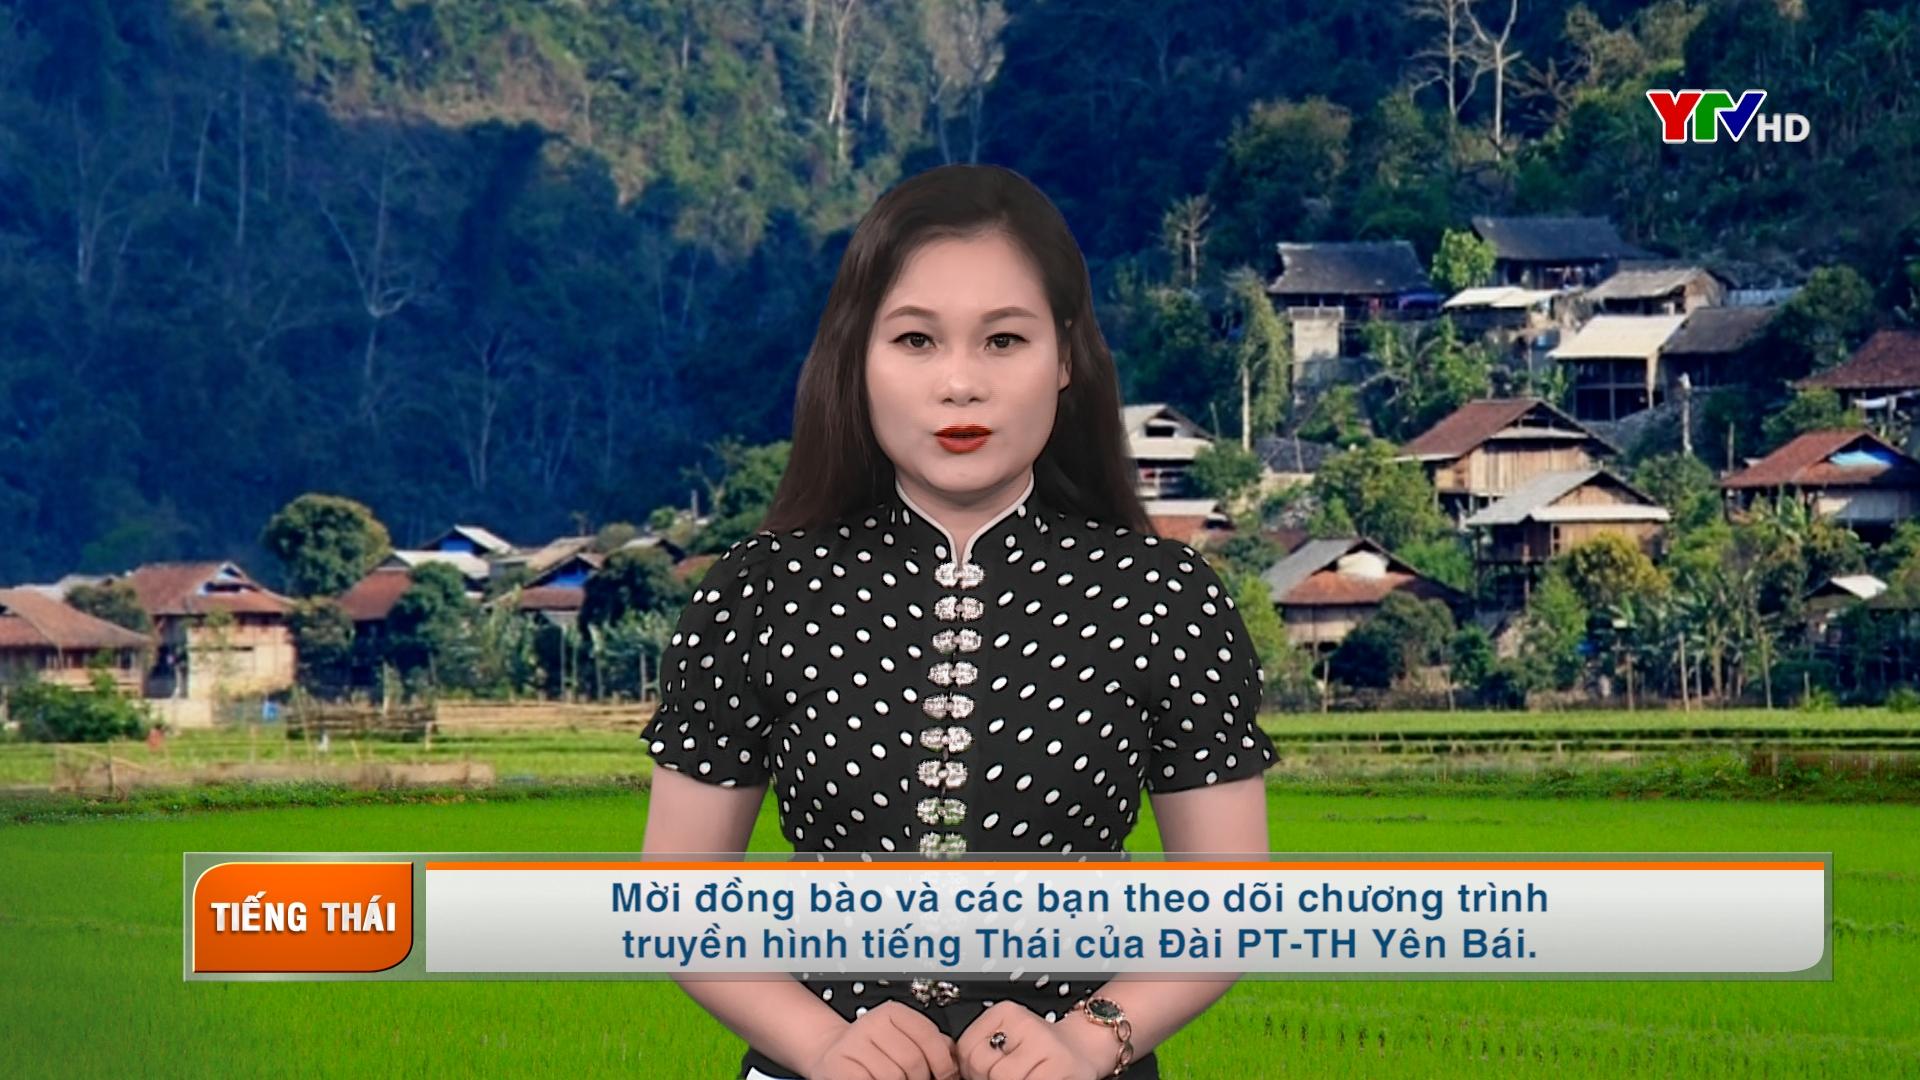 Tạp chí truyền hình tiếng Thái số 1 tháng 8 năm 2021